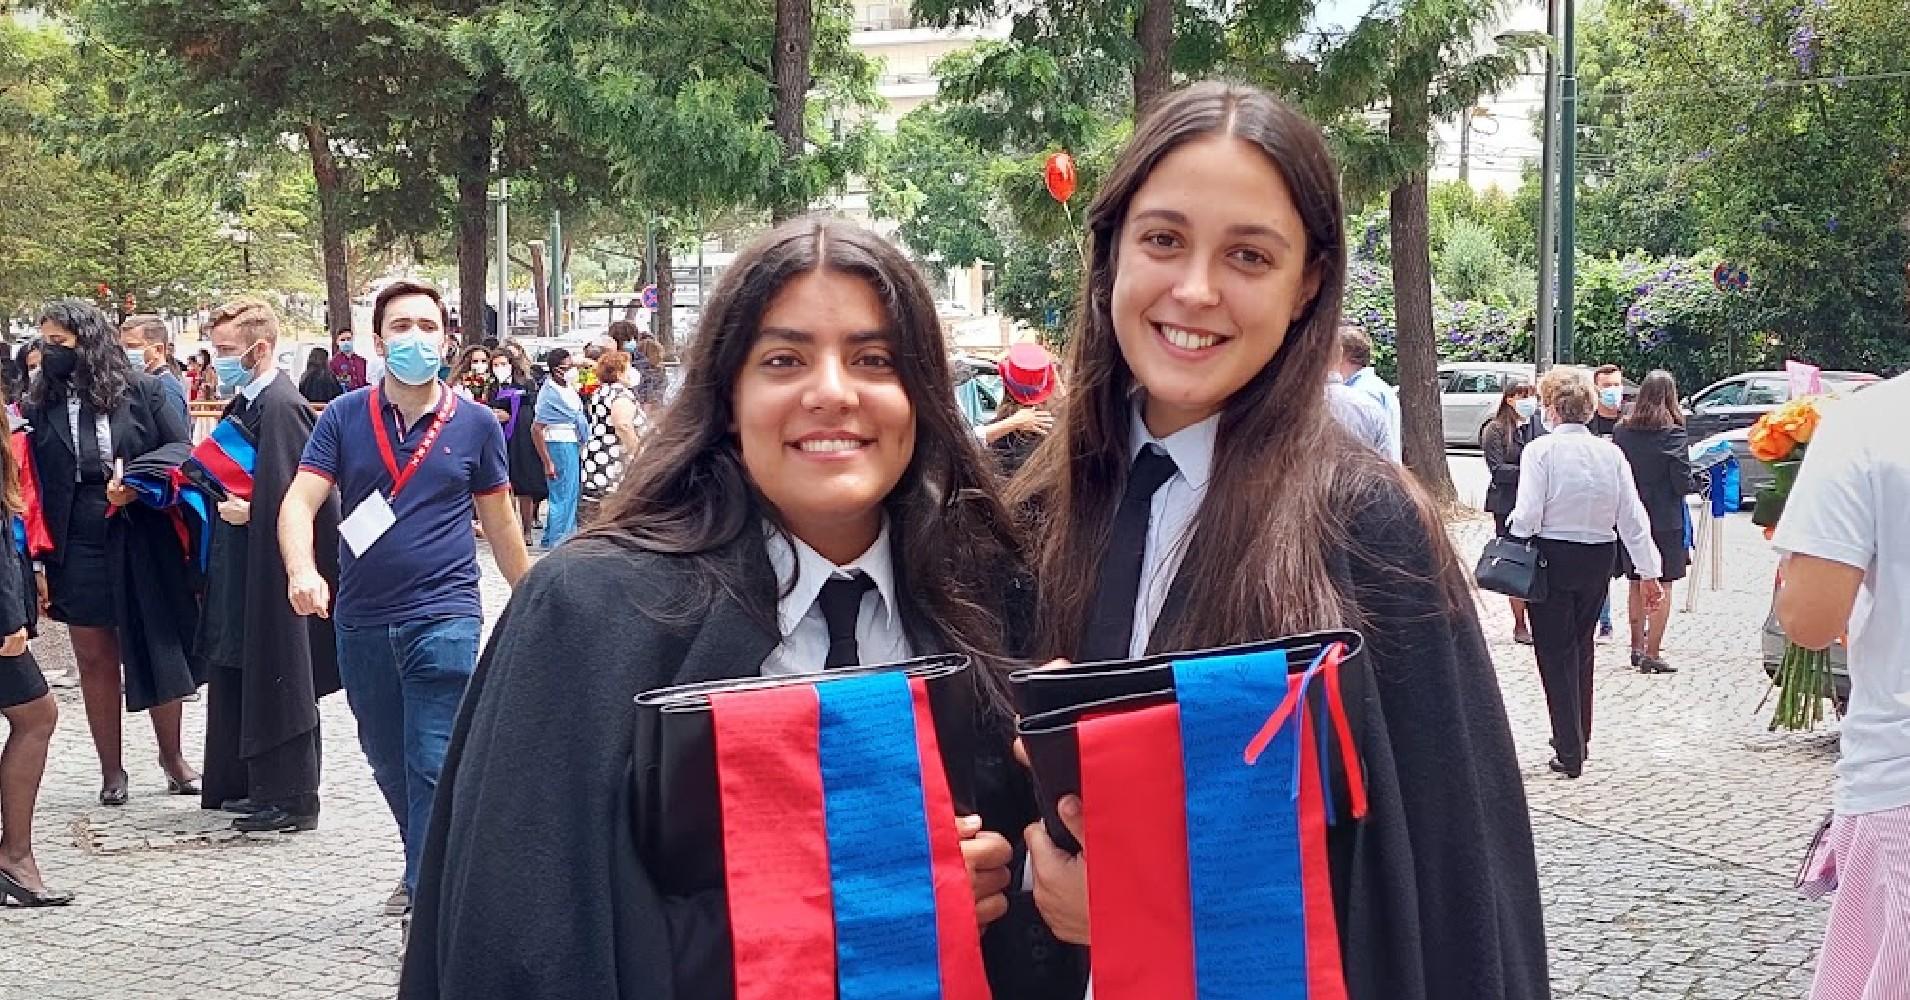 Alexandra Santos e Mariana Salazar, finalistas do curso de Solicitadoria e Administração do ISCAC